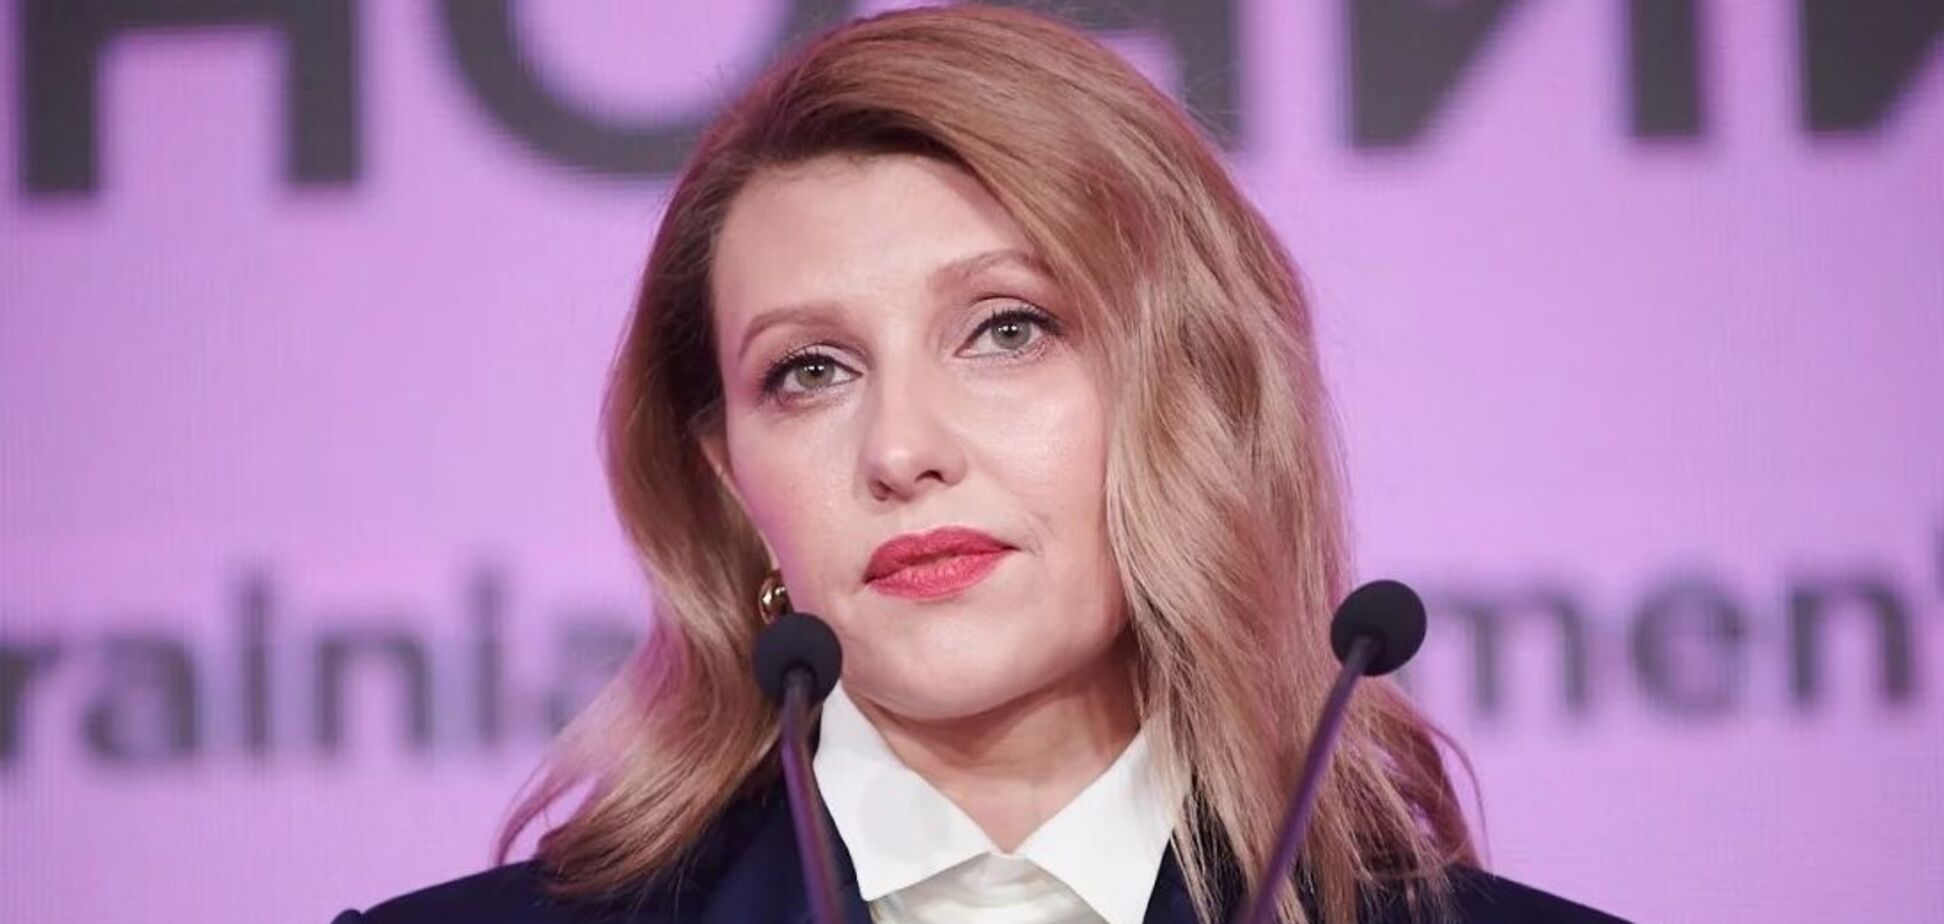 Зеленская пожаловалась на фейковые аккаунты в соцсетях, которые создают от имени